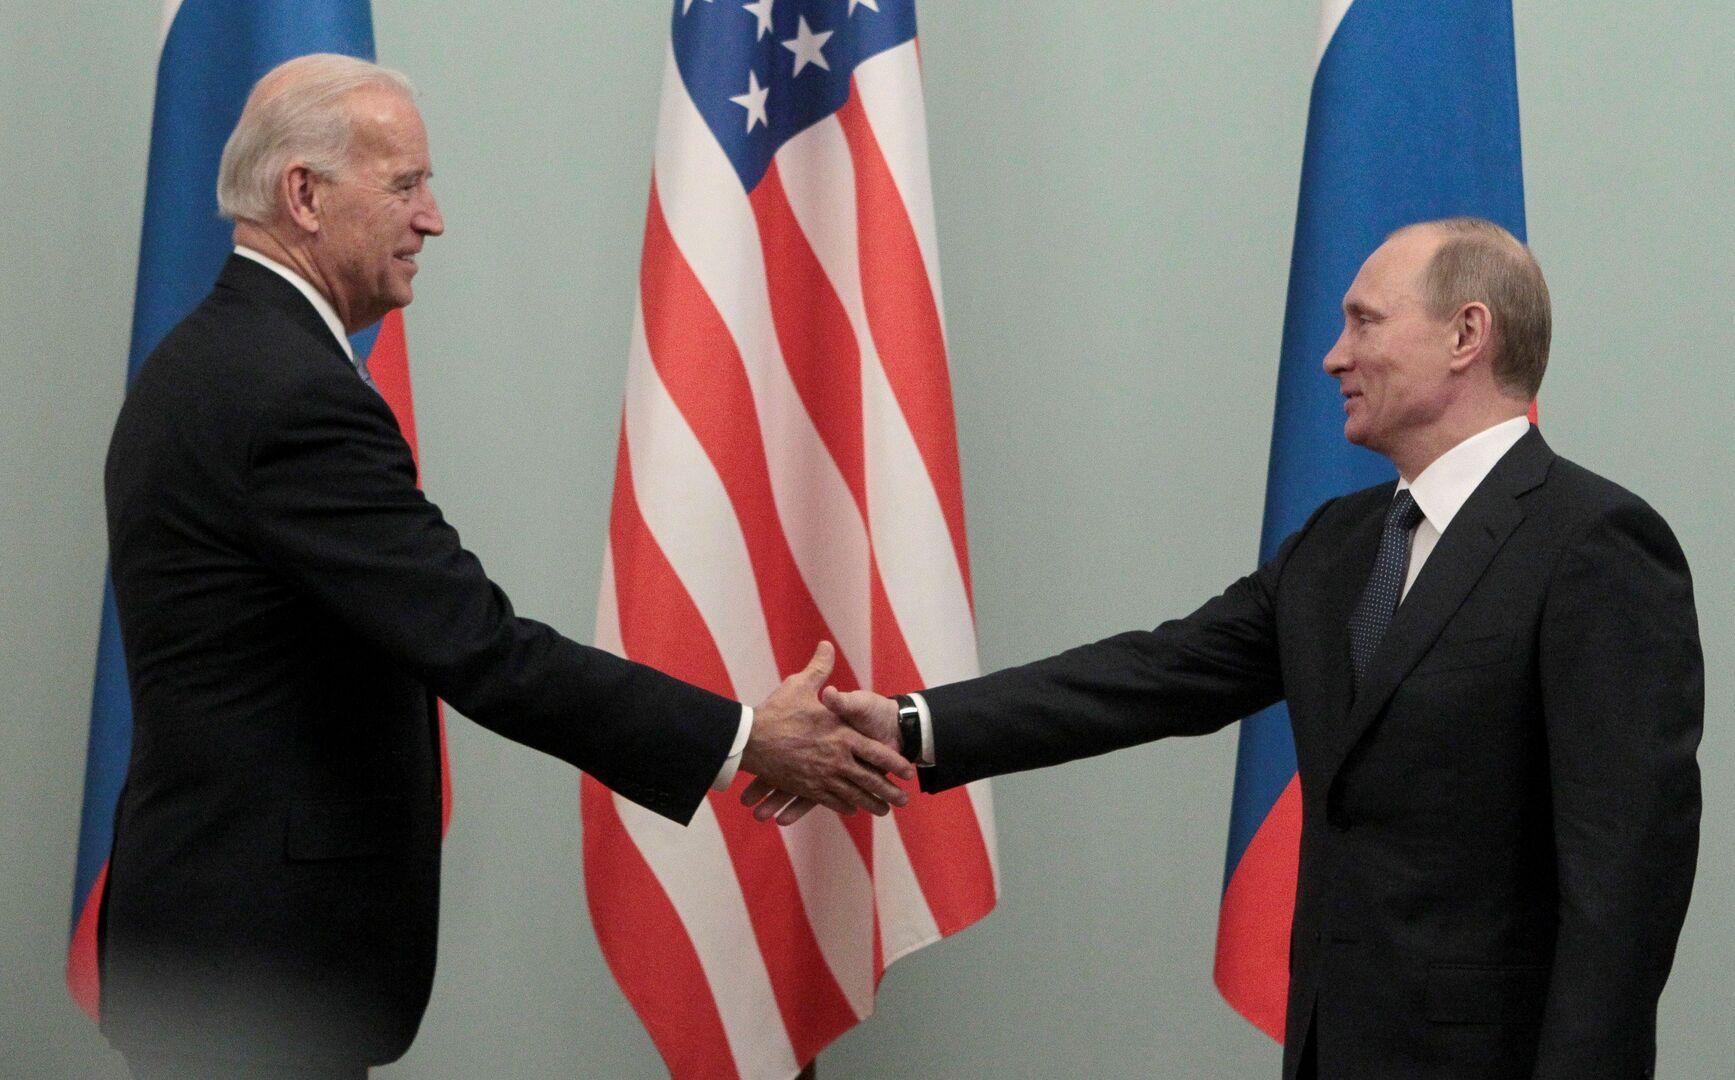 فلاديمير بوتين وجو بايدن - صورة أرشيفية